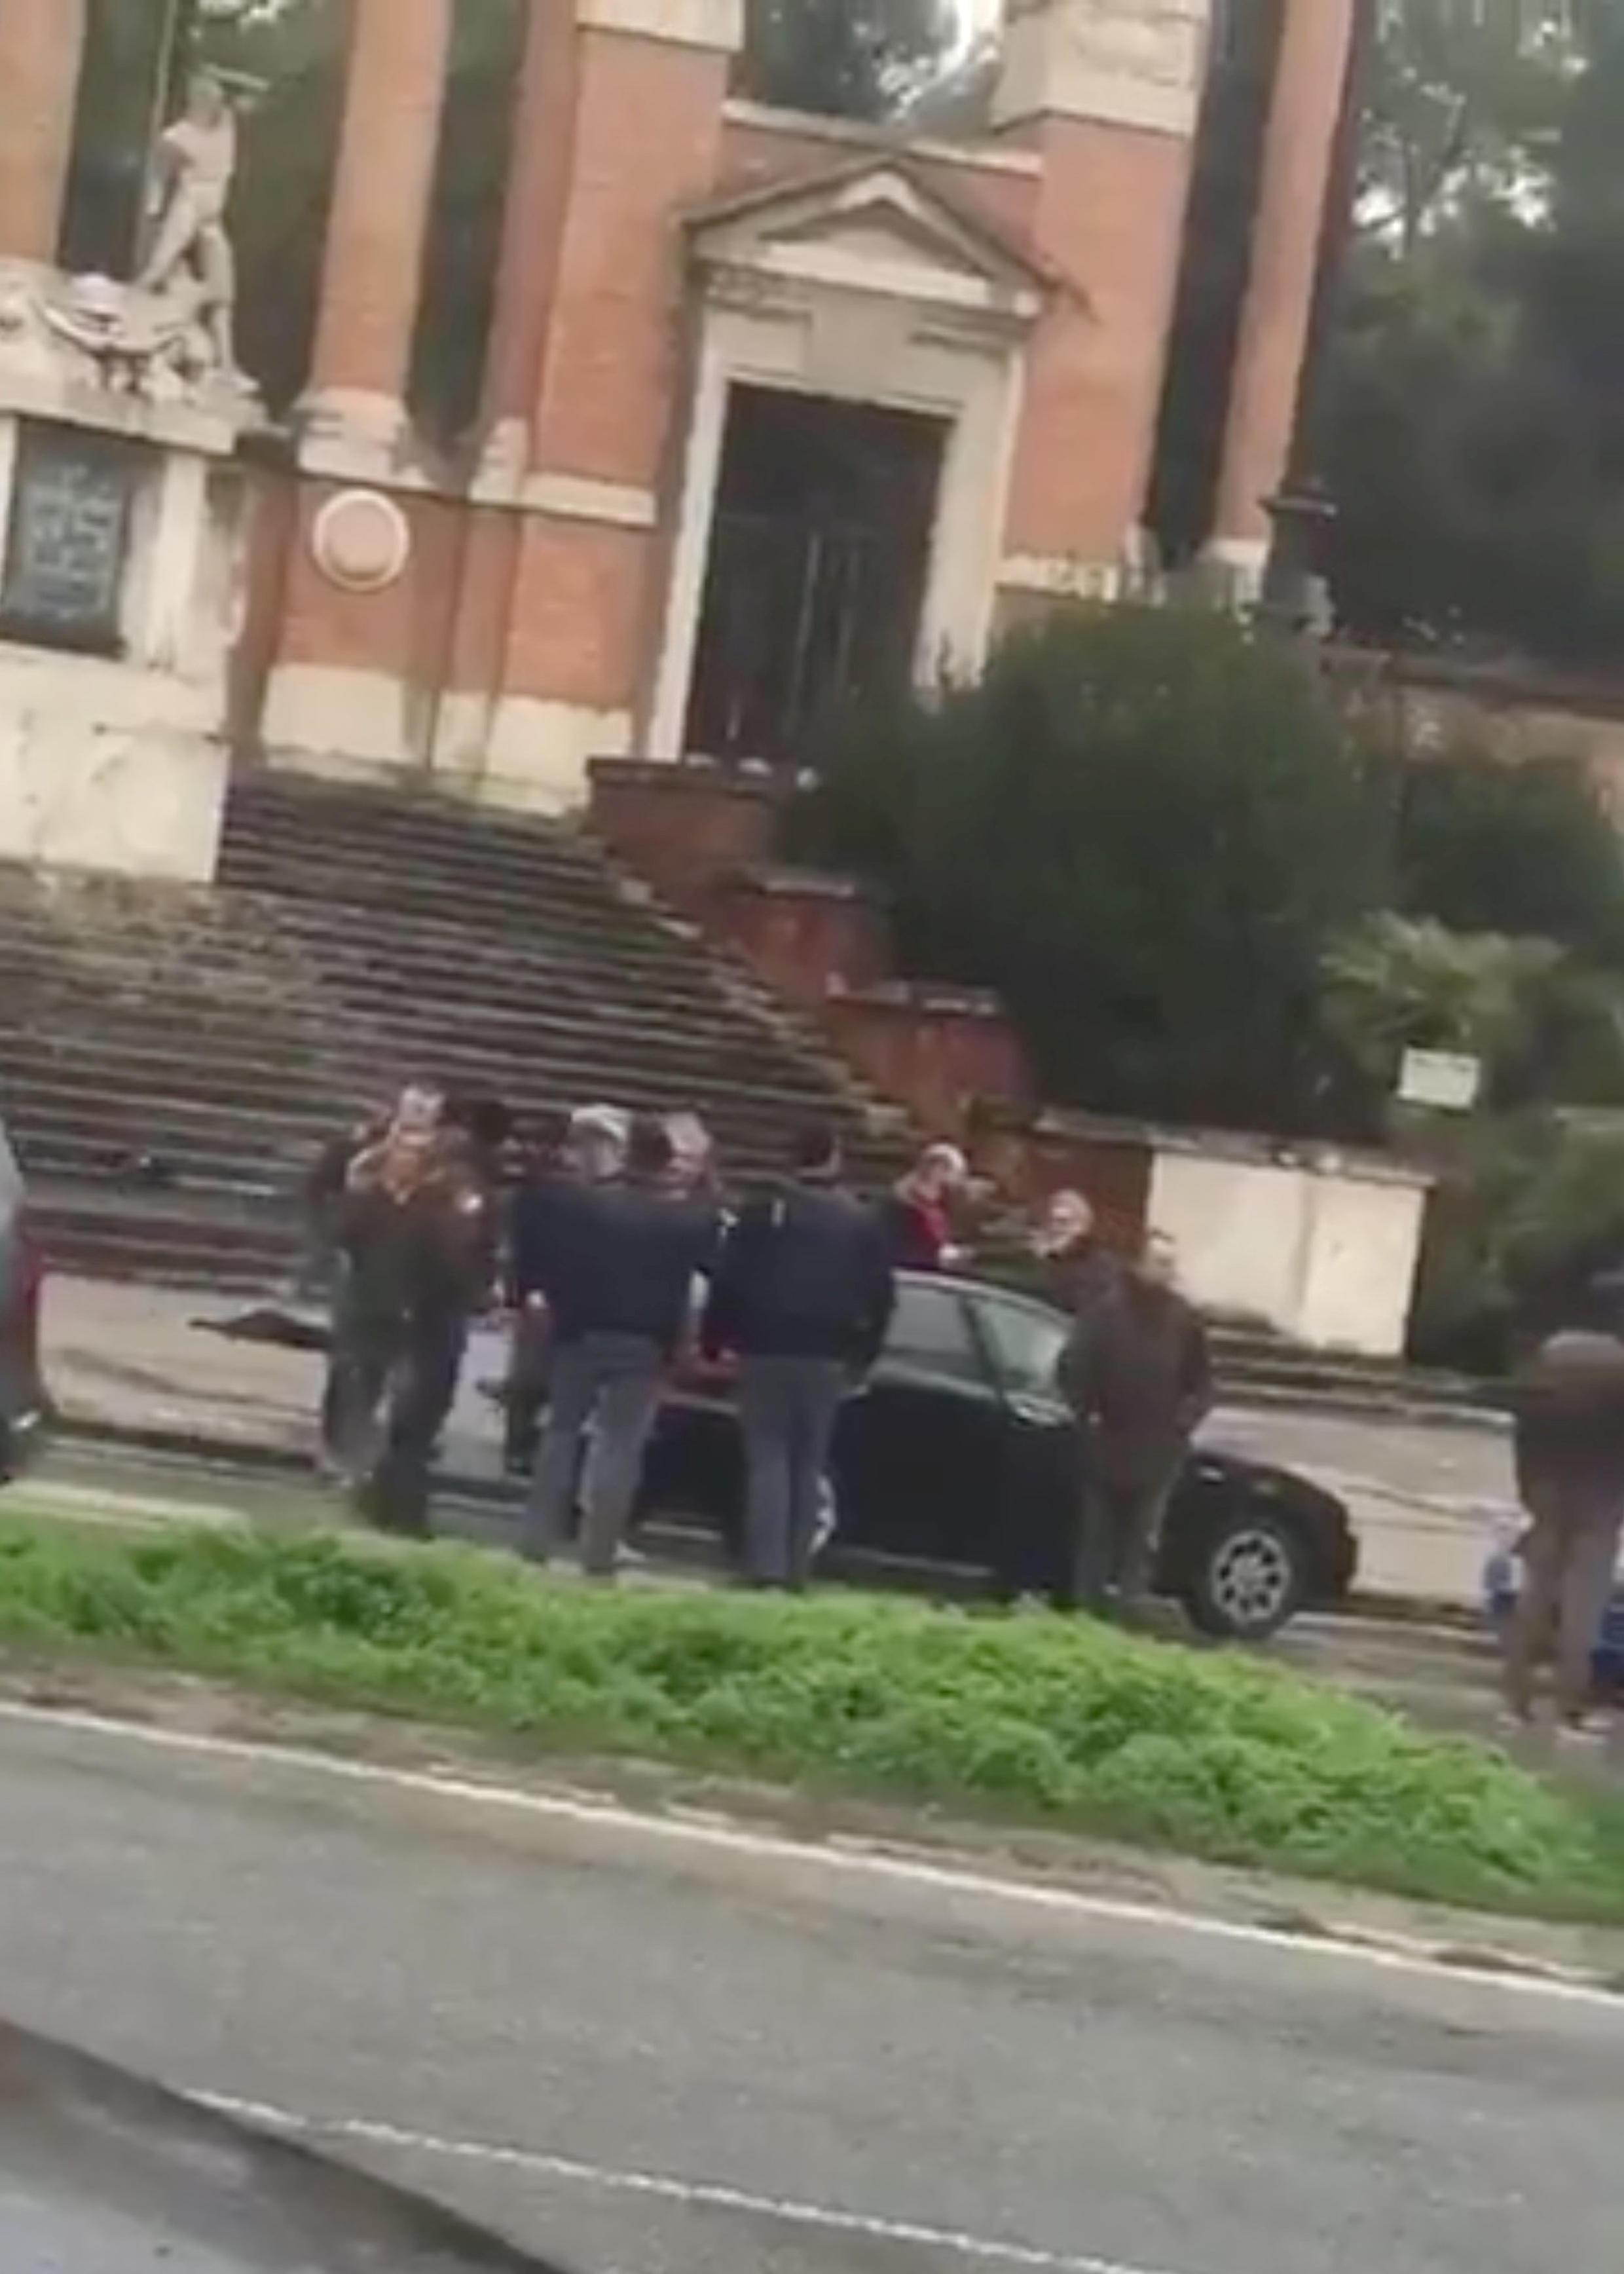 Captura de um vídeo divulgado nas redes sociais mostrando a detenção do suspeito que atirou contra estrangeiros na Itália.